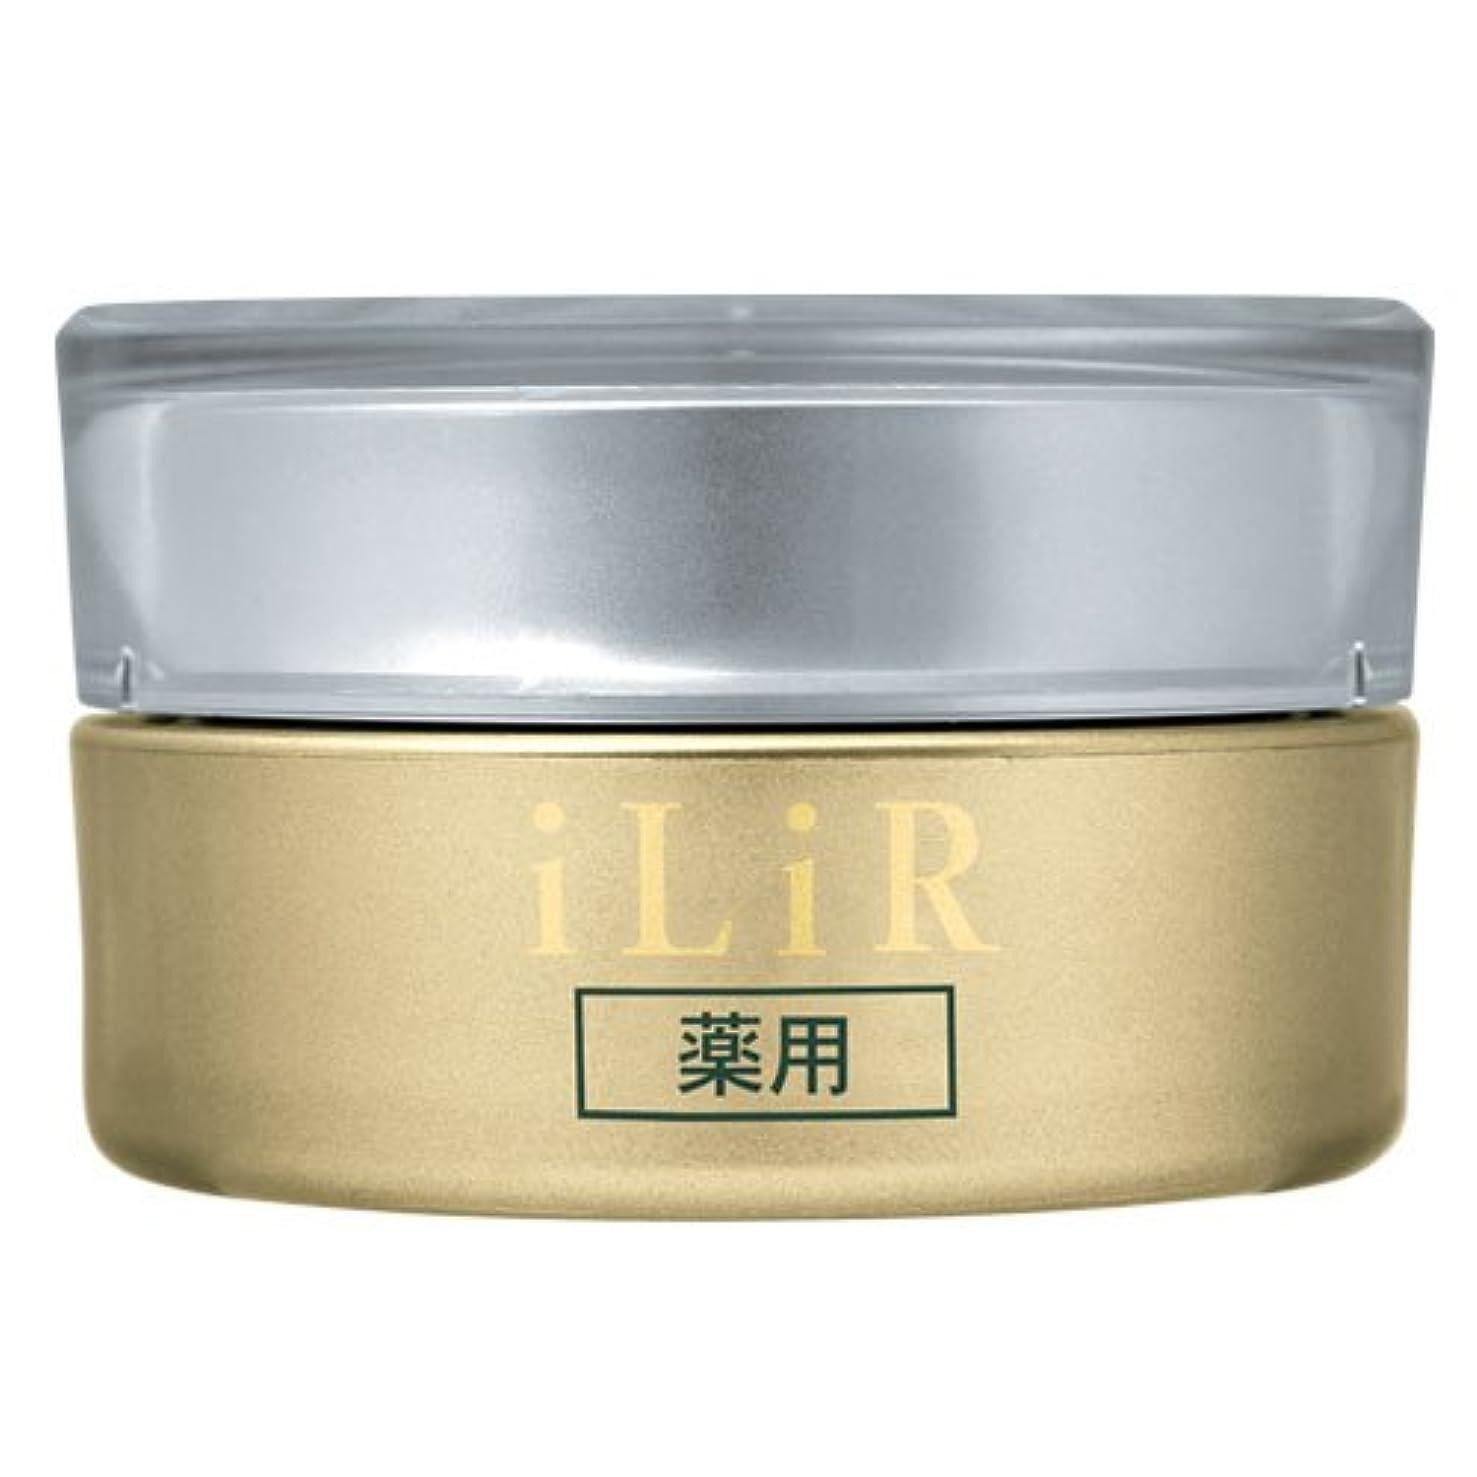 尊敬閉塞キャンディーiLiR(イリアール) 薬用リンクルホワイトクリーム